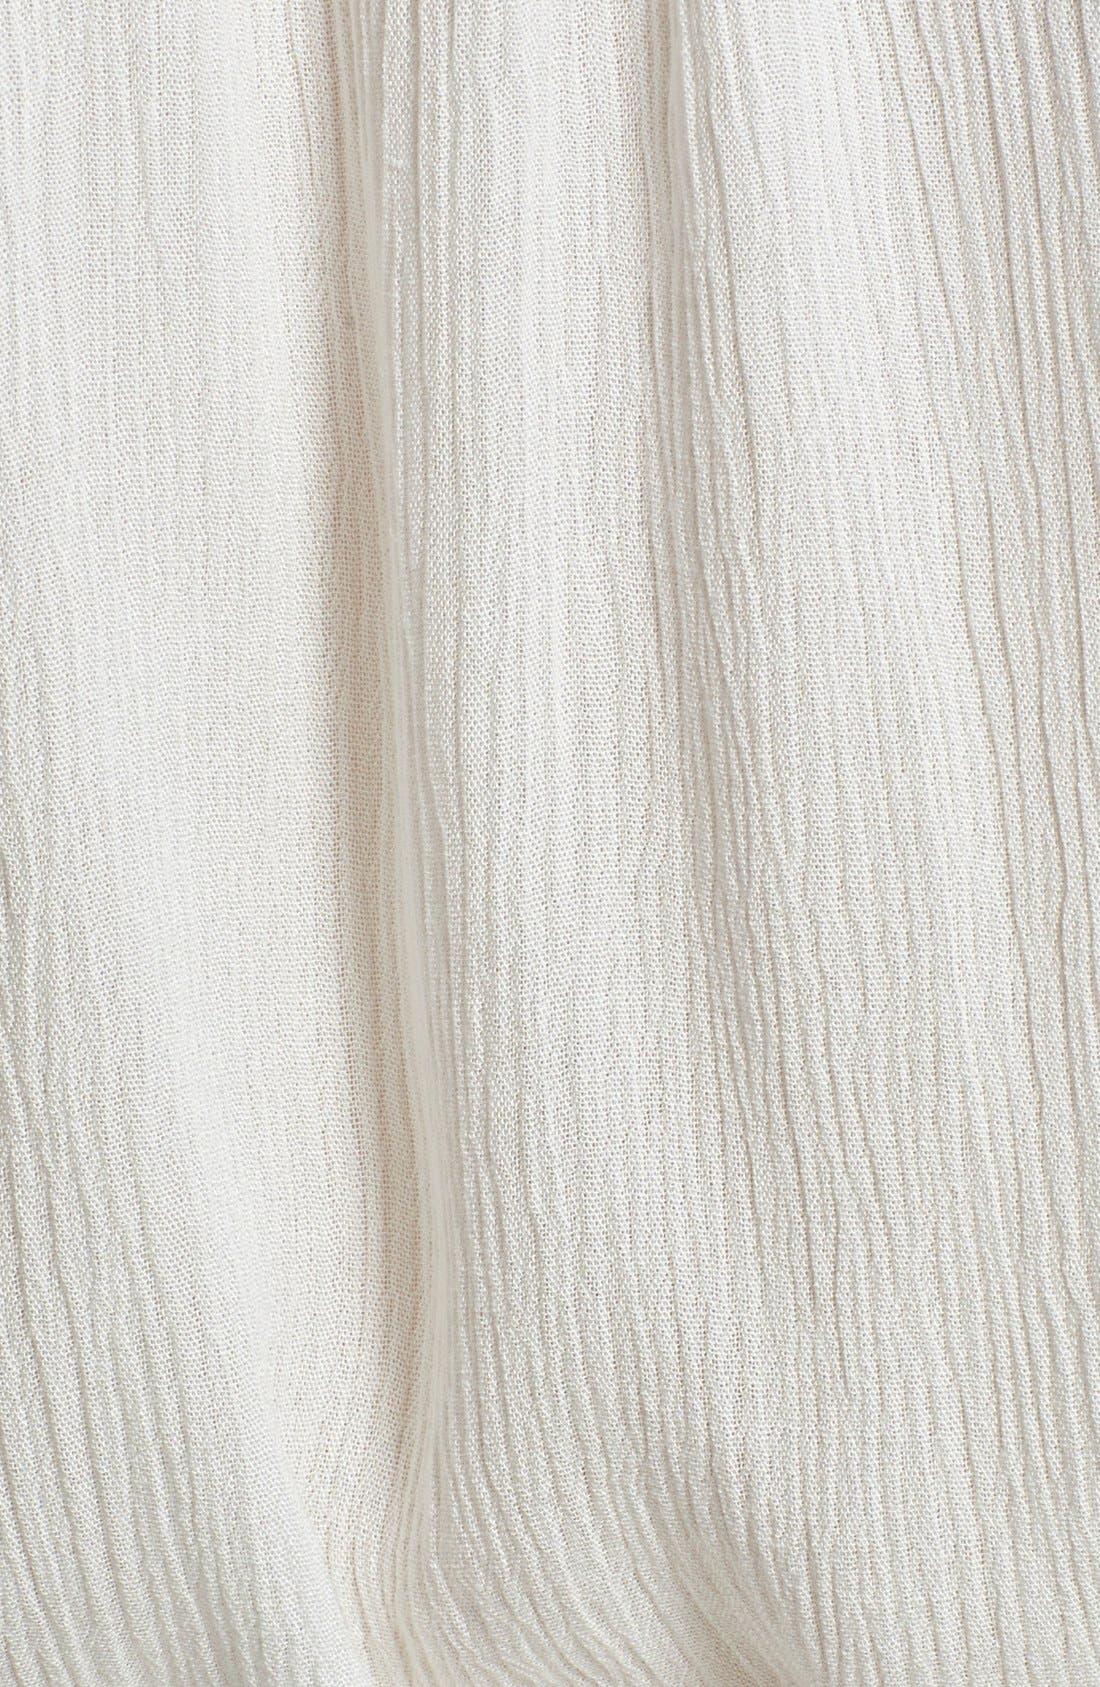 Alternate Image 3  - ASTR Crochet Detail Off the Shoulder Romper